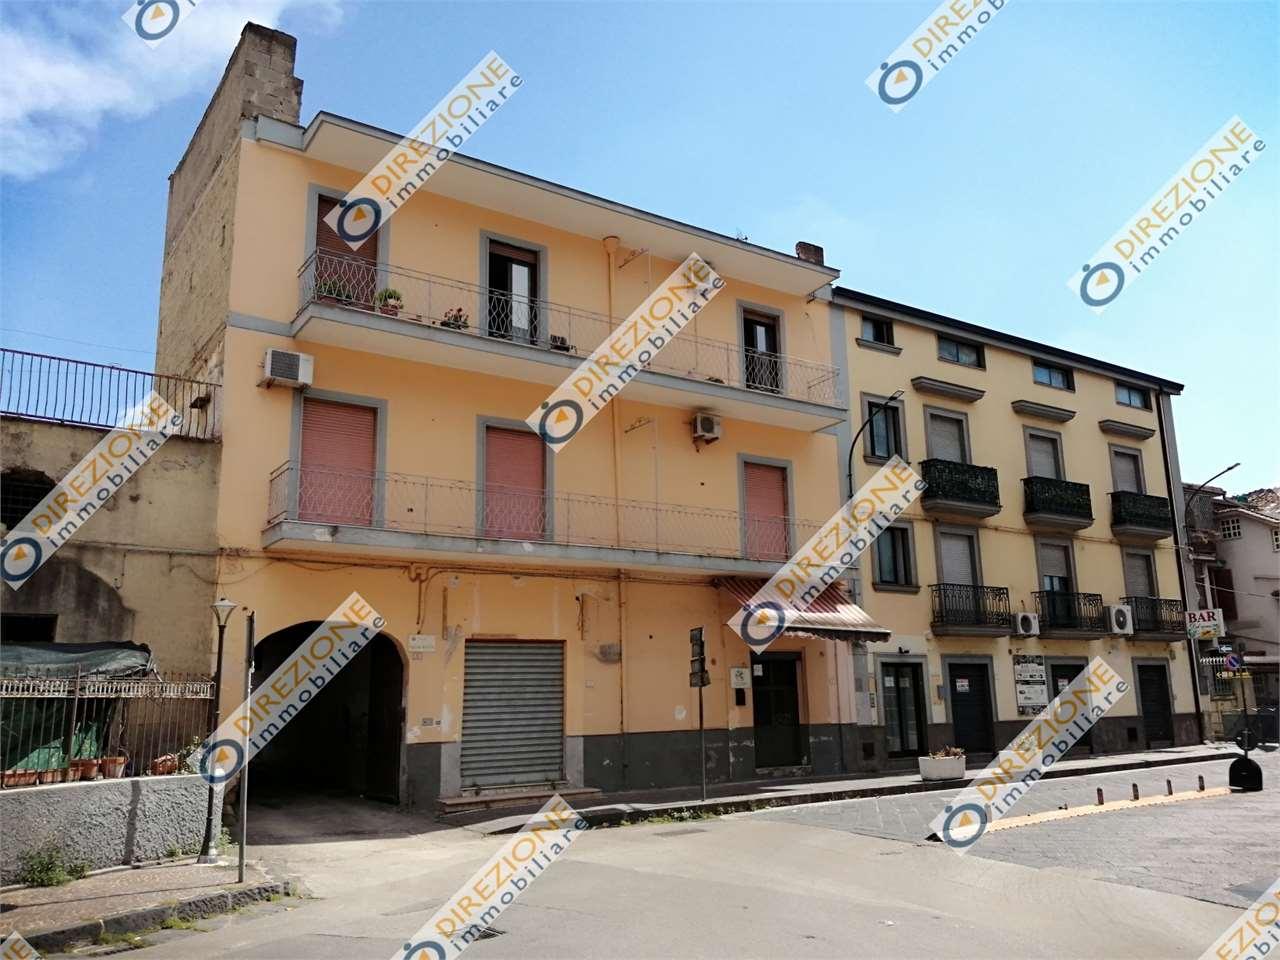 Appartamento in vendita a Cesa, 3 locali, zona Località: CENTRO, prezzo € 85.000 | CambioCasa.it